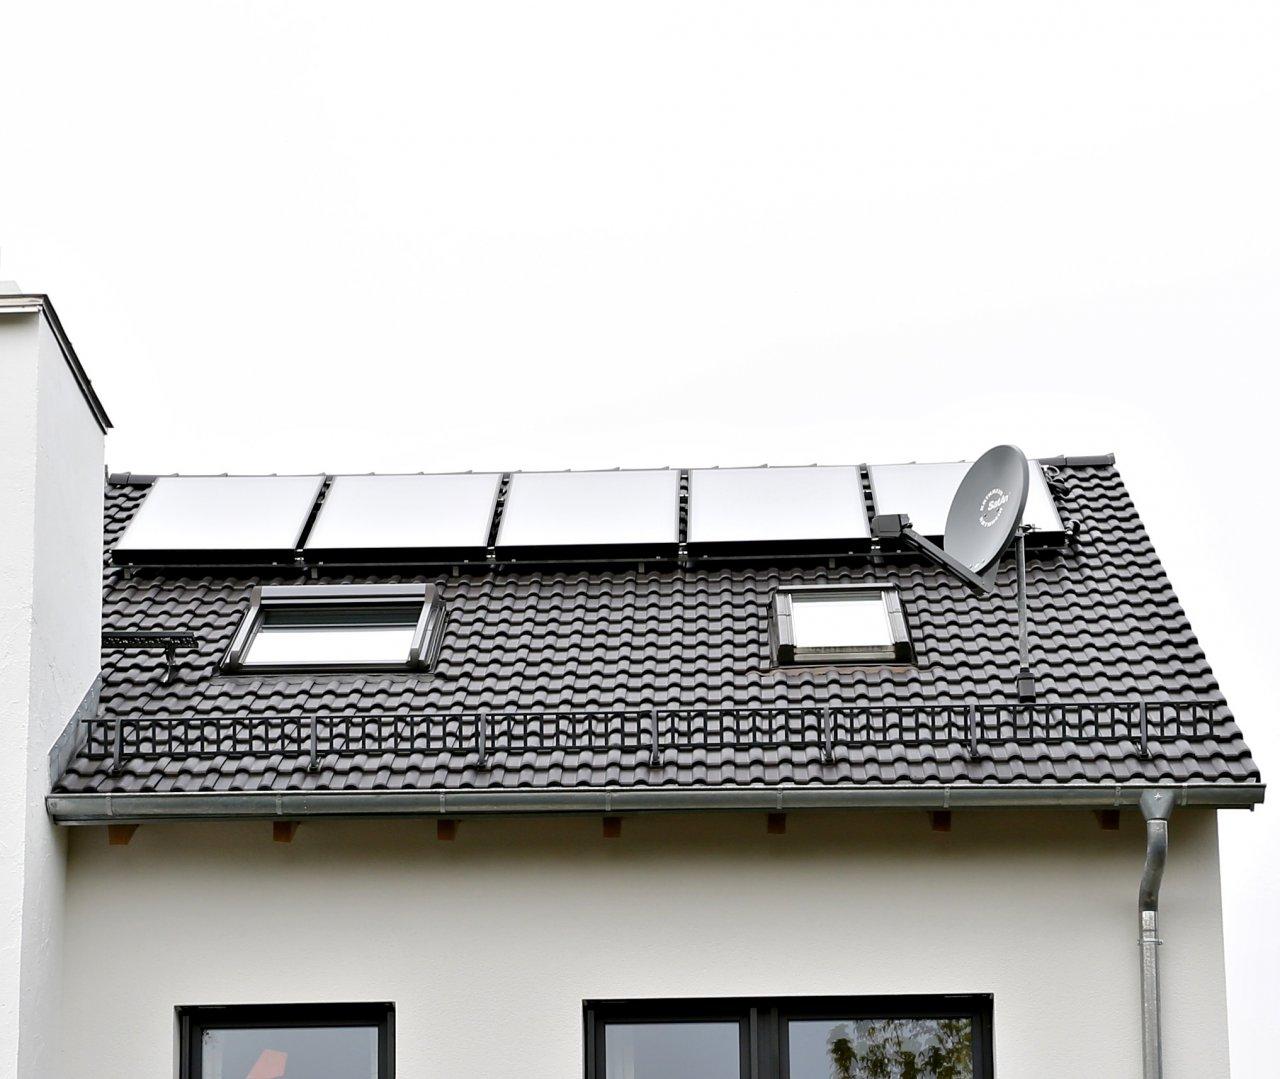 img-1517441814628835a53877216aa1 Bildrechte: Stadt Fürstenfeldbruck bzw. Architekturbüro Reitberger<br /> <br /> Bilder 1 u. 2 (oben): Bestand<br /> Bilder 3 bis 9: Sanierung und abgeschlossene Sanierung